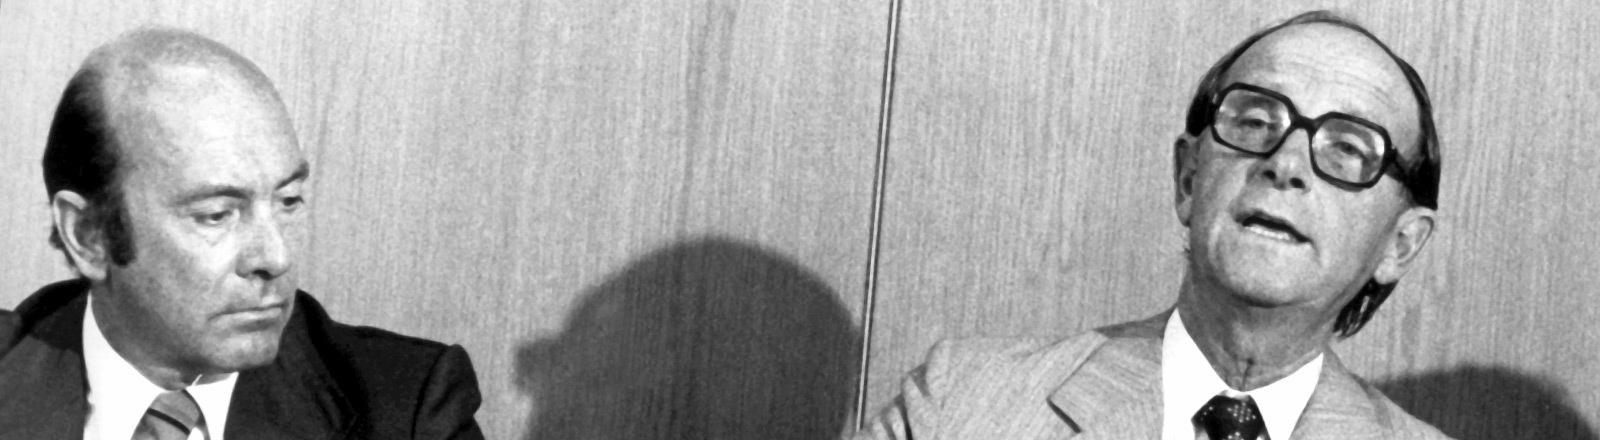 Der CDU-Politiker und baden-württembergische Ministerpräsident Dr. Hans Filbinger (r) gibt am 7. August 1978 in Stuttgart seinen Rücktritt bekannt und zieht damit die Konsequenzen aus der Kontroverse um seine Rolle als Marinerichter im Zweiten Weltkrieg. Links der Vorsitzende der CDU-Landesgruppe Baden-Württemberg in Bonn, Manfred Wörner.